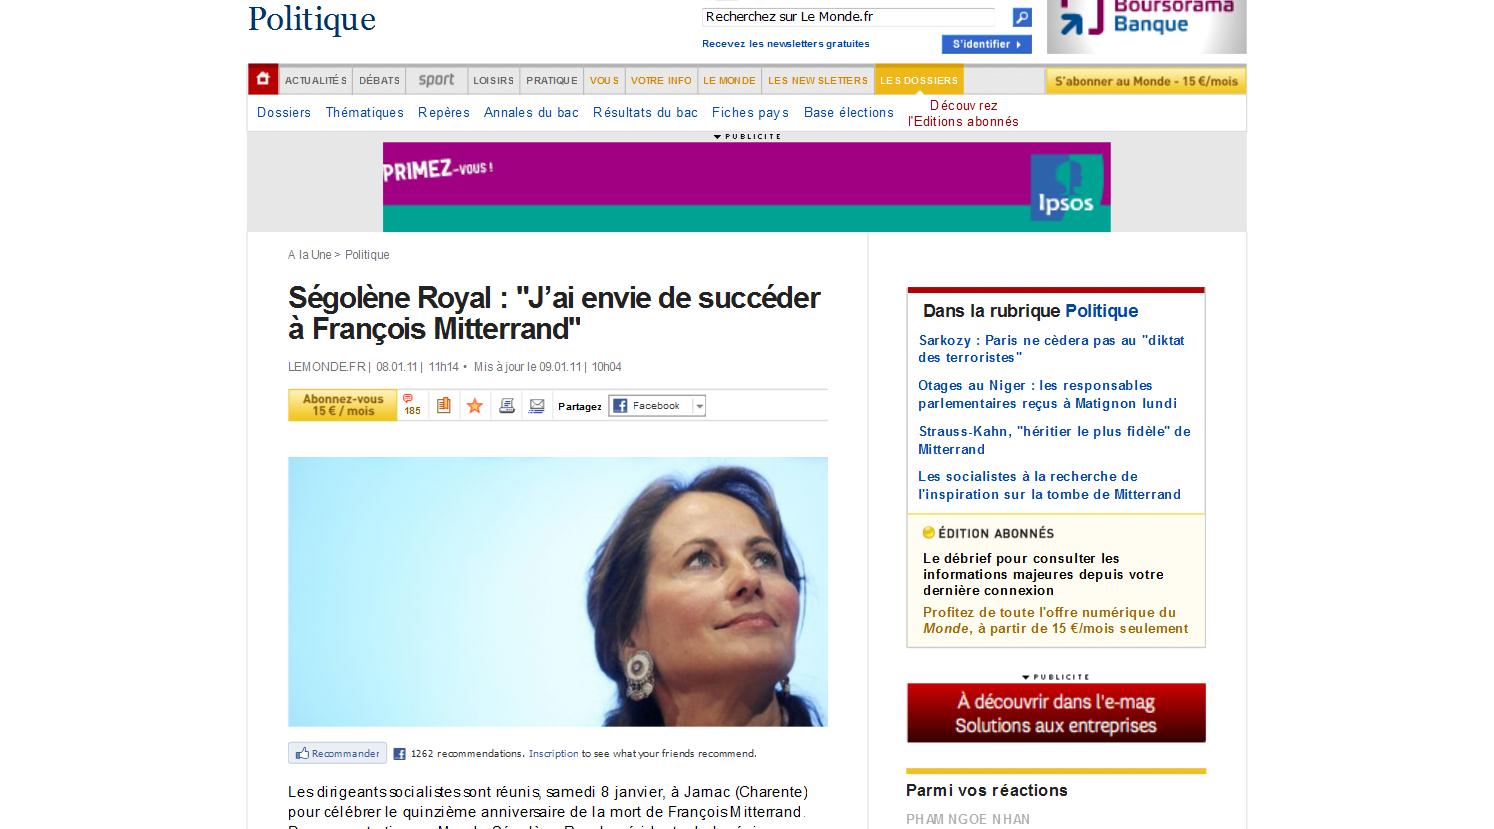 Ségolène Royal J'ai envie de succéder à François Mitterrand LeMonde.fr 1294614337801 Elections 2012: Ségolène Royal veut rétablir la promesse républicaine